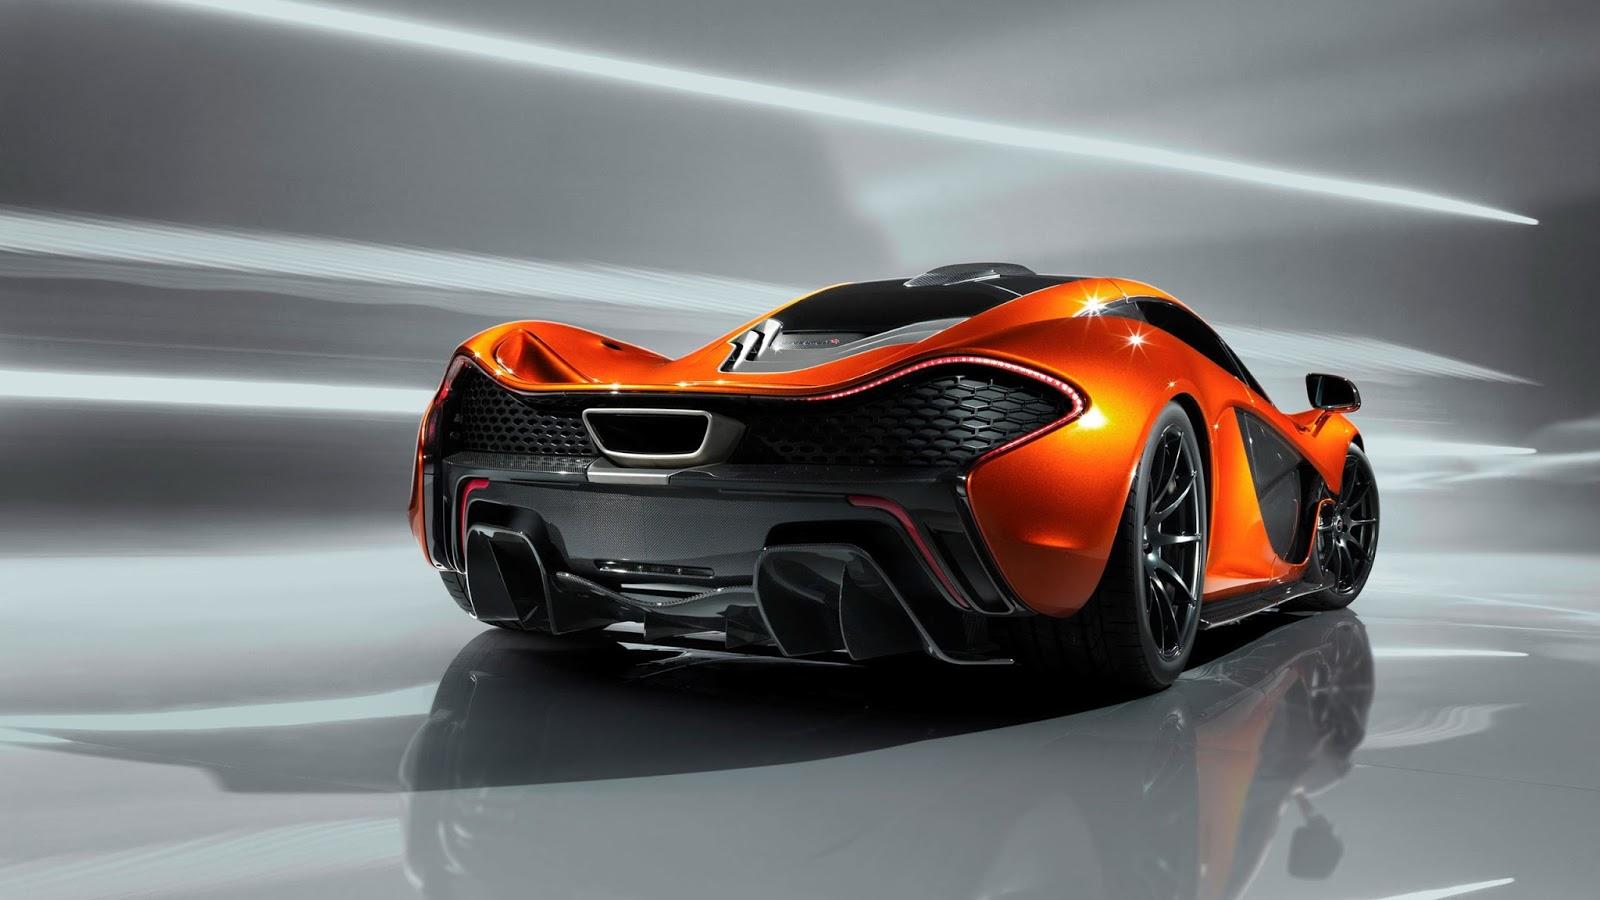 2014 McLaren P1 Photos